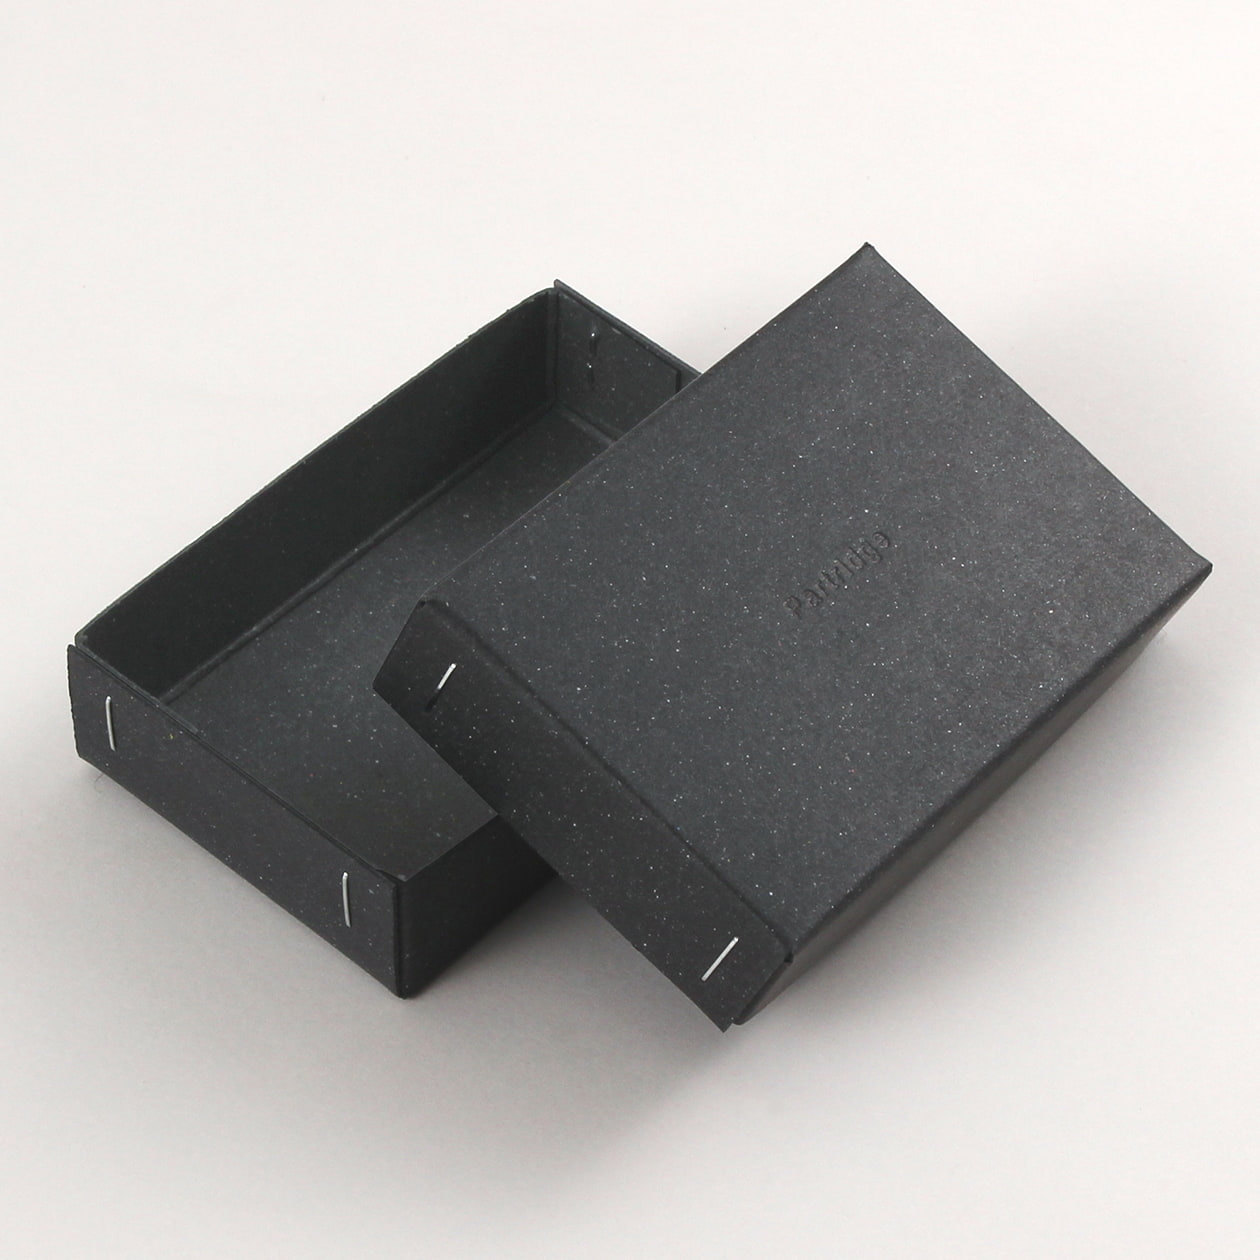 サンプル 箱(ホッチキスどめ) 00057